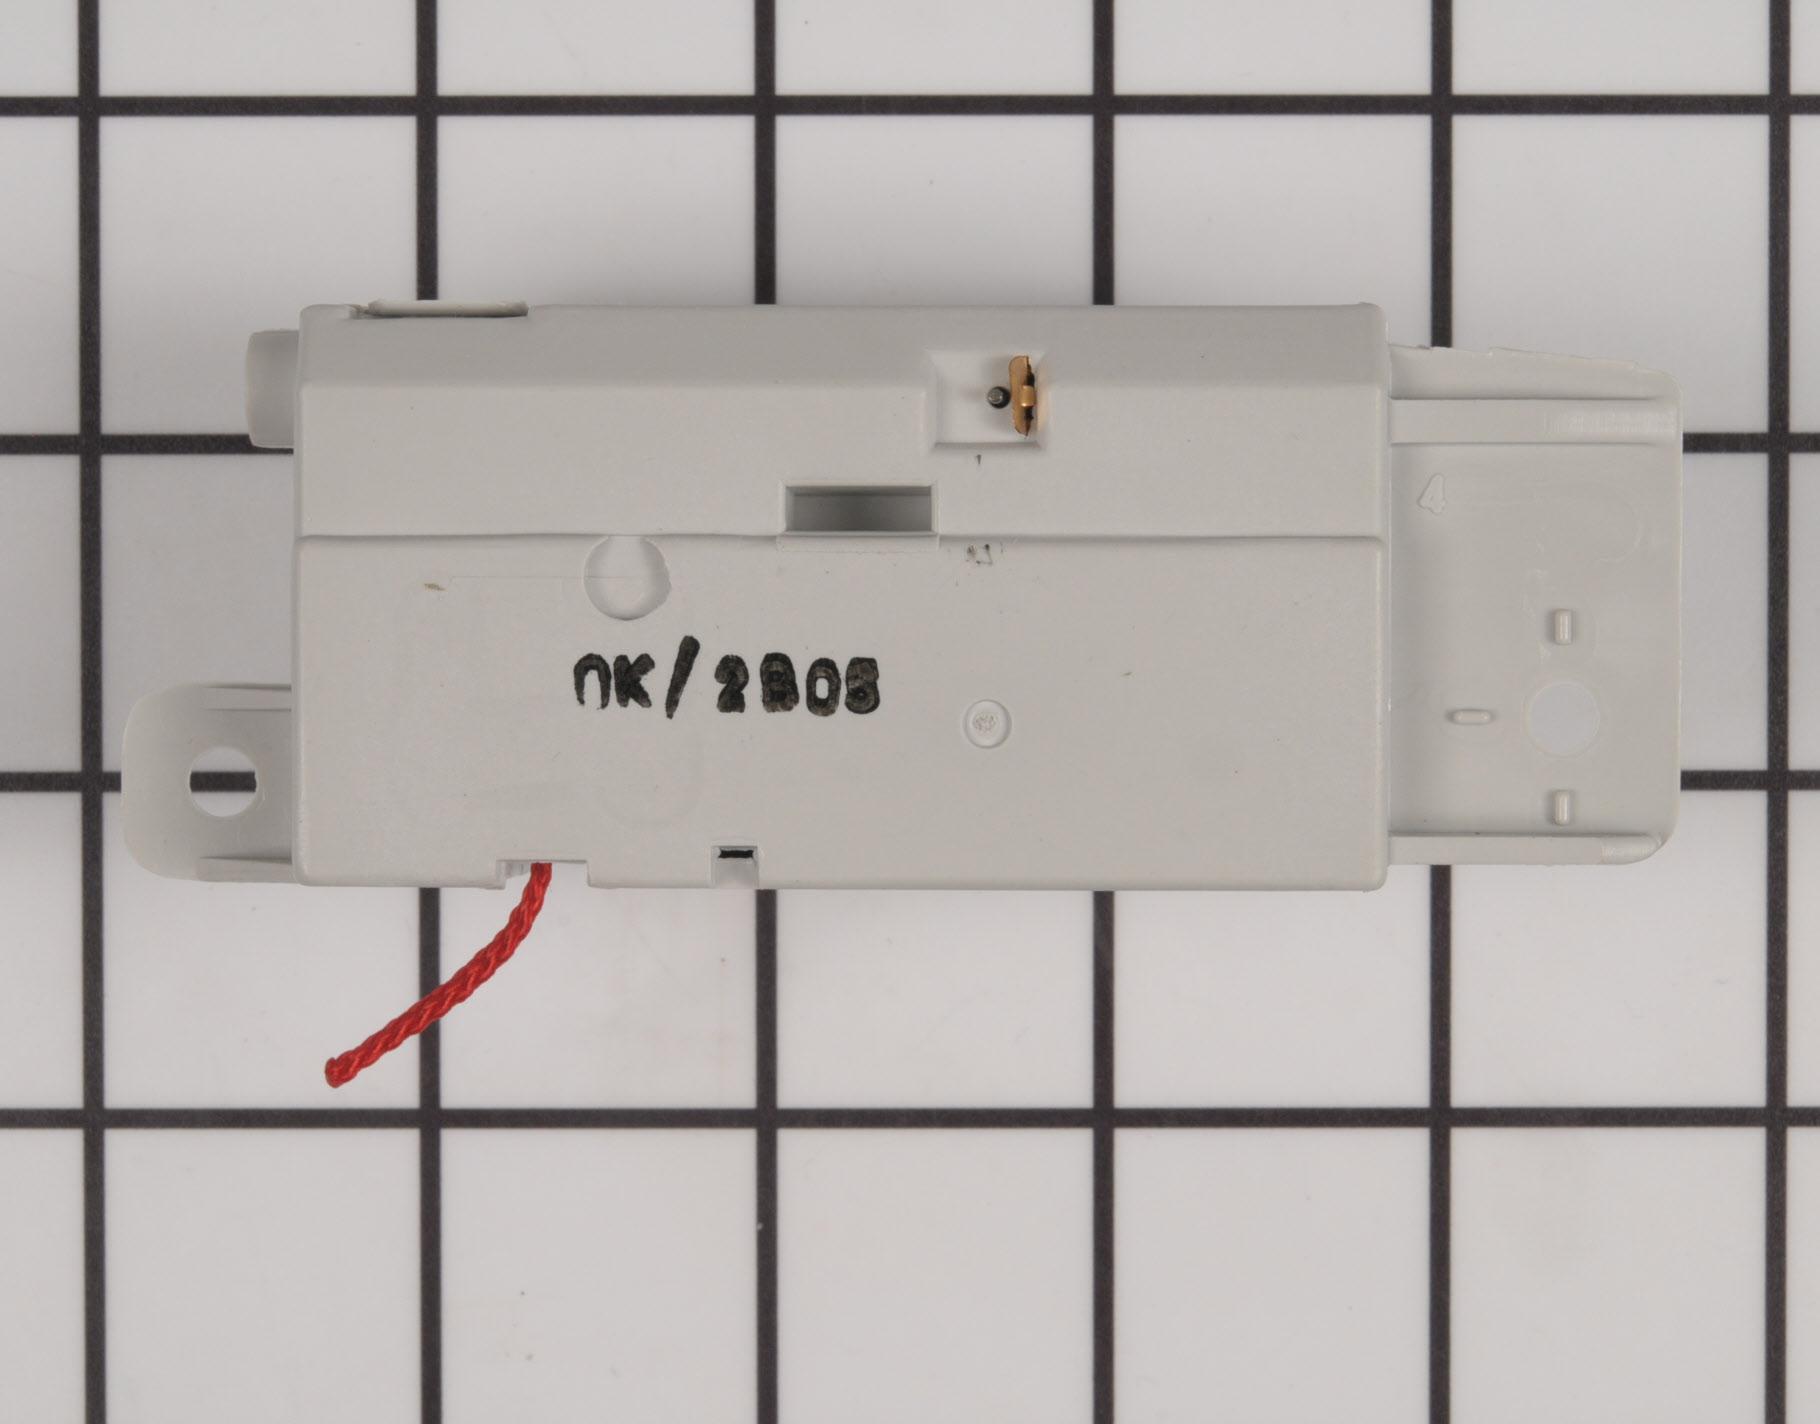 LG Washing Machine Part # EBF61215202 - Switch